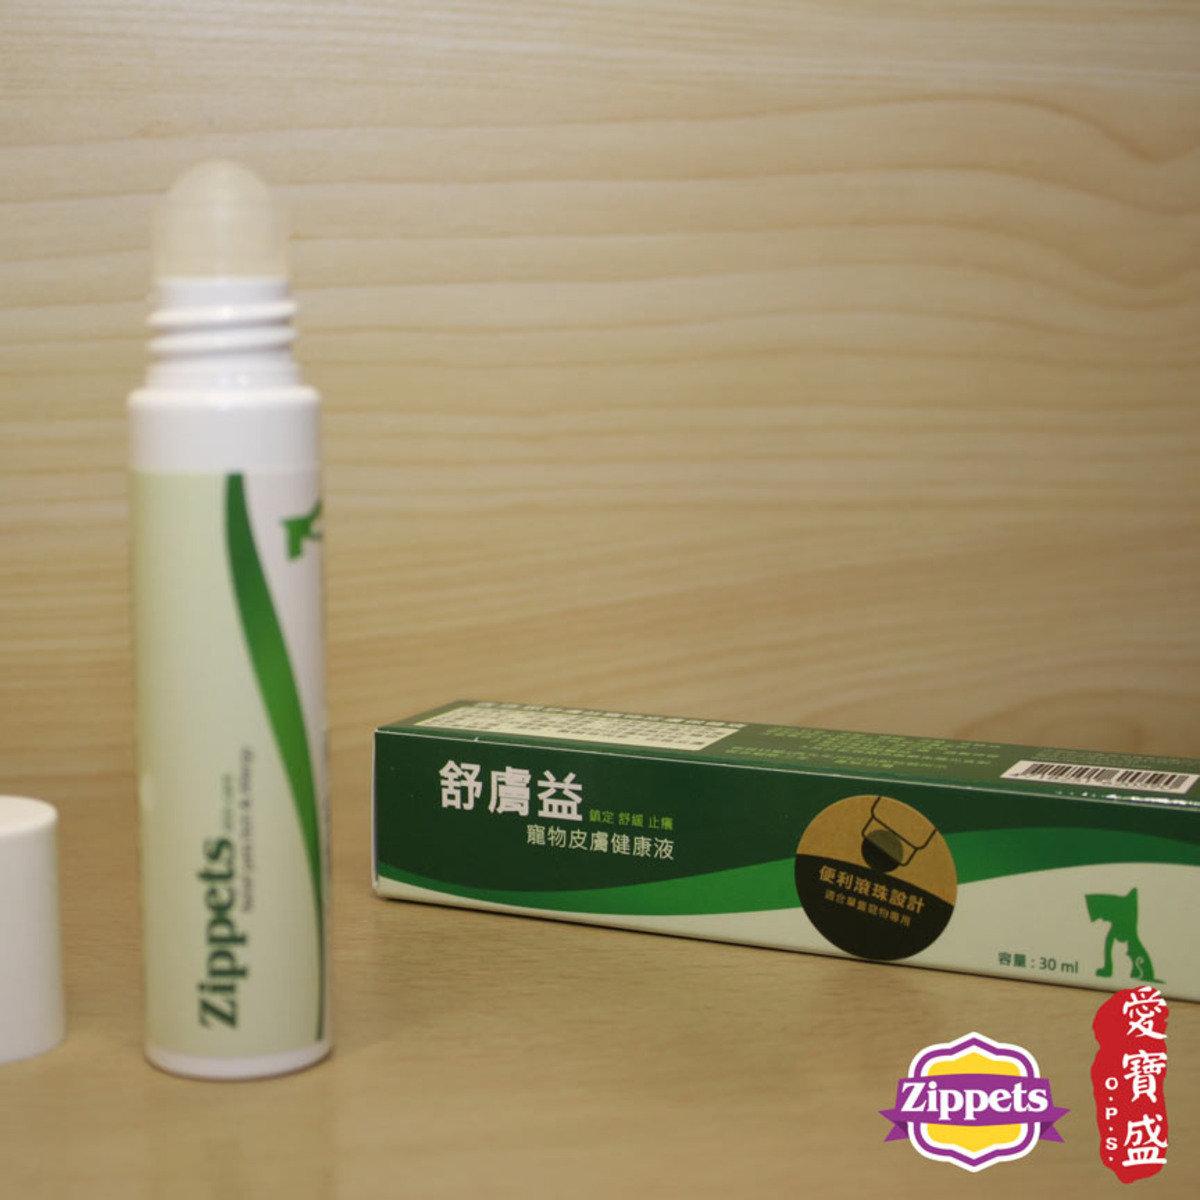 舒膚益寵物皮膚保健液 (滾珠裝)